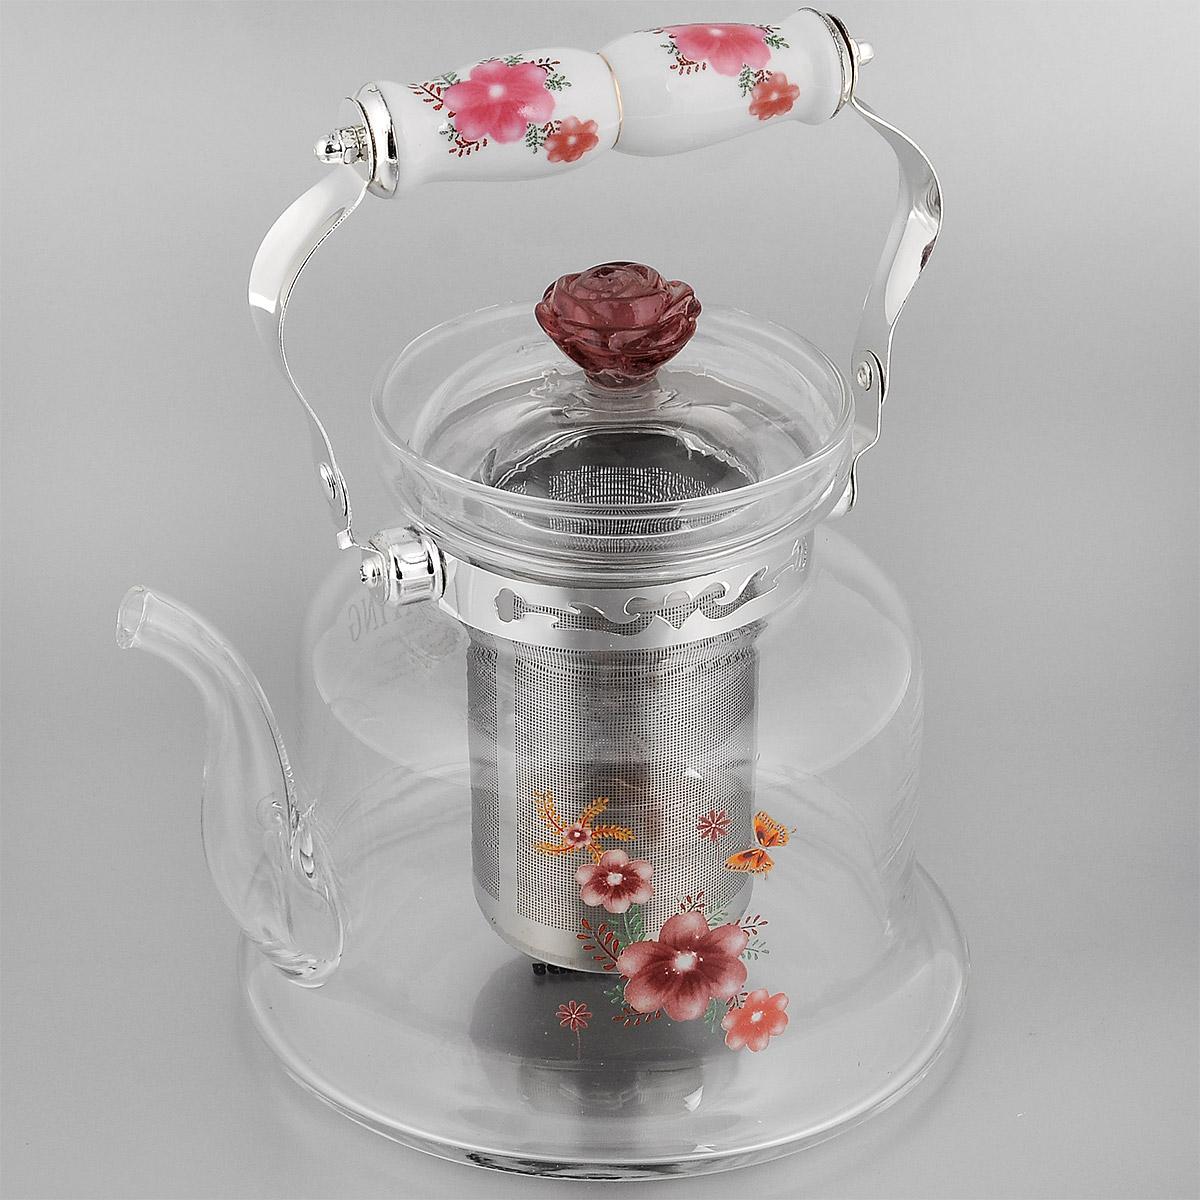 Чайник заварочный Bekker Koch, цвет: красный, 1,4 л. ВК-7620 контейнер для сыпучих продуктов bekker koch 2 9 л